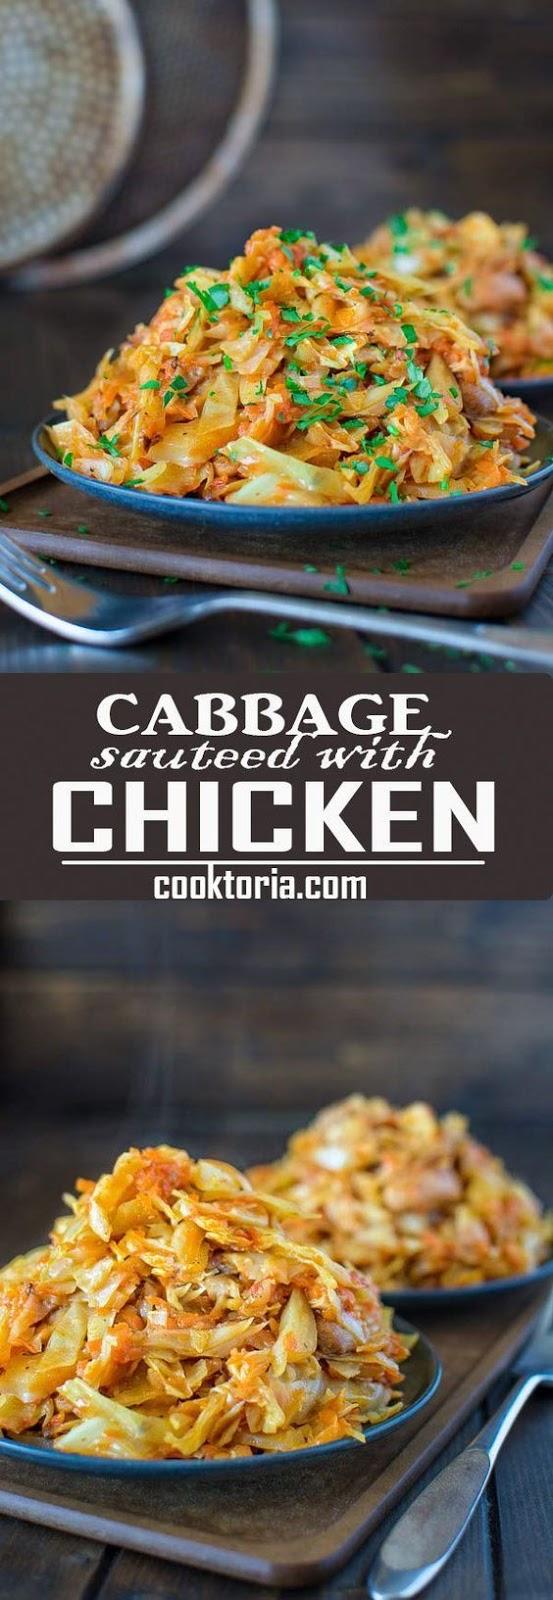 CABBAGE WITH CHICKEN #cabbage #chicken #chickenrecipes #vegetarian #vegetarianrecipes #veggies #veganrecipes